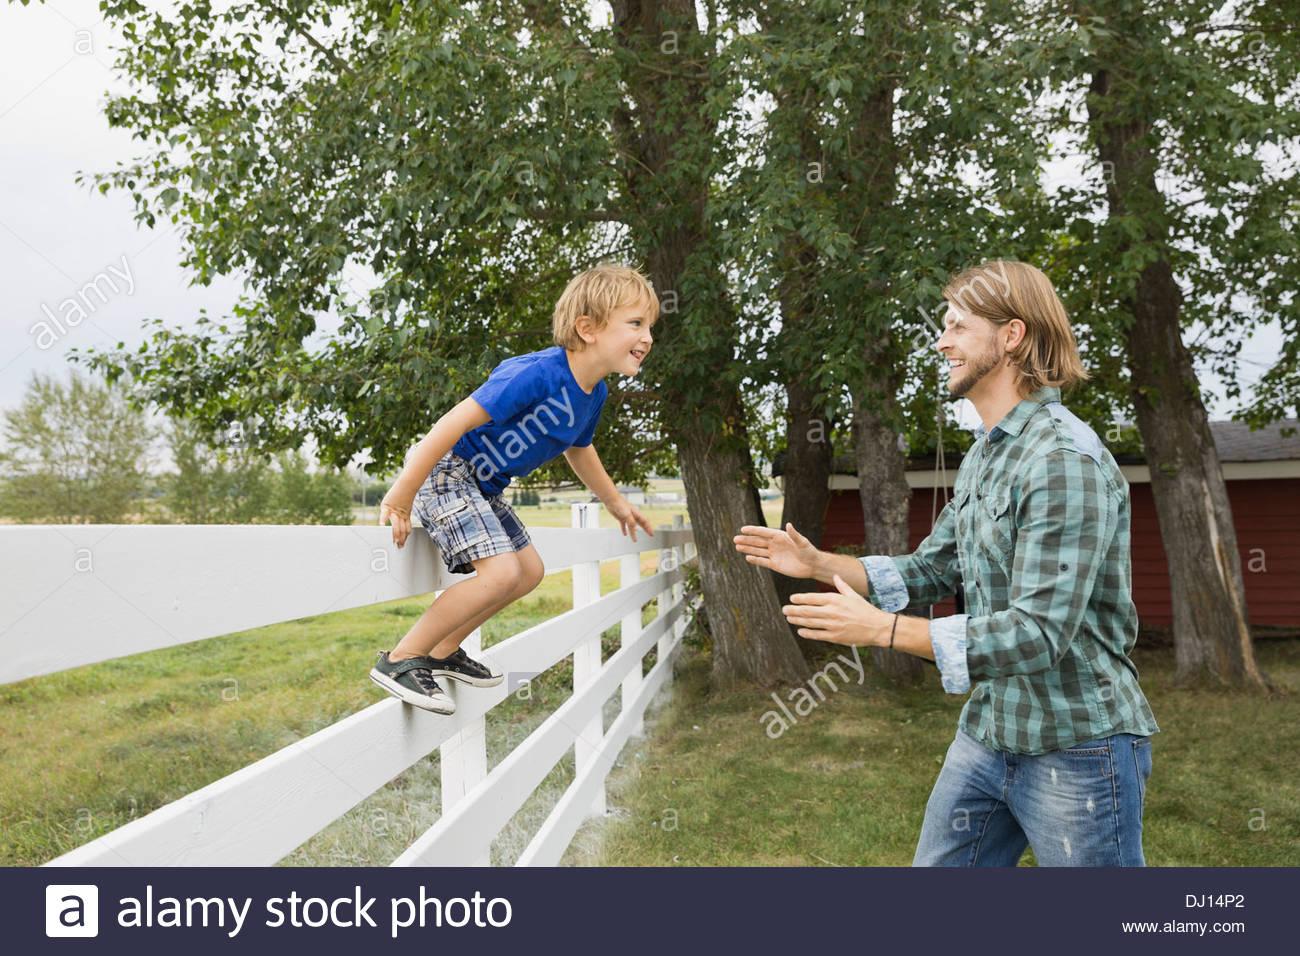 Juguetón hijo brincando valla en brazos de los padres Imagen De Stock